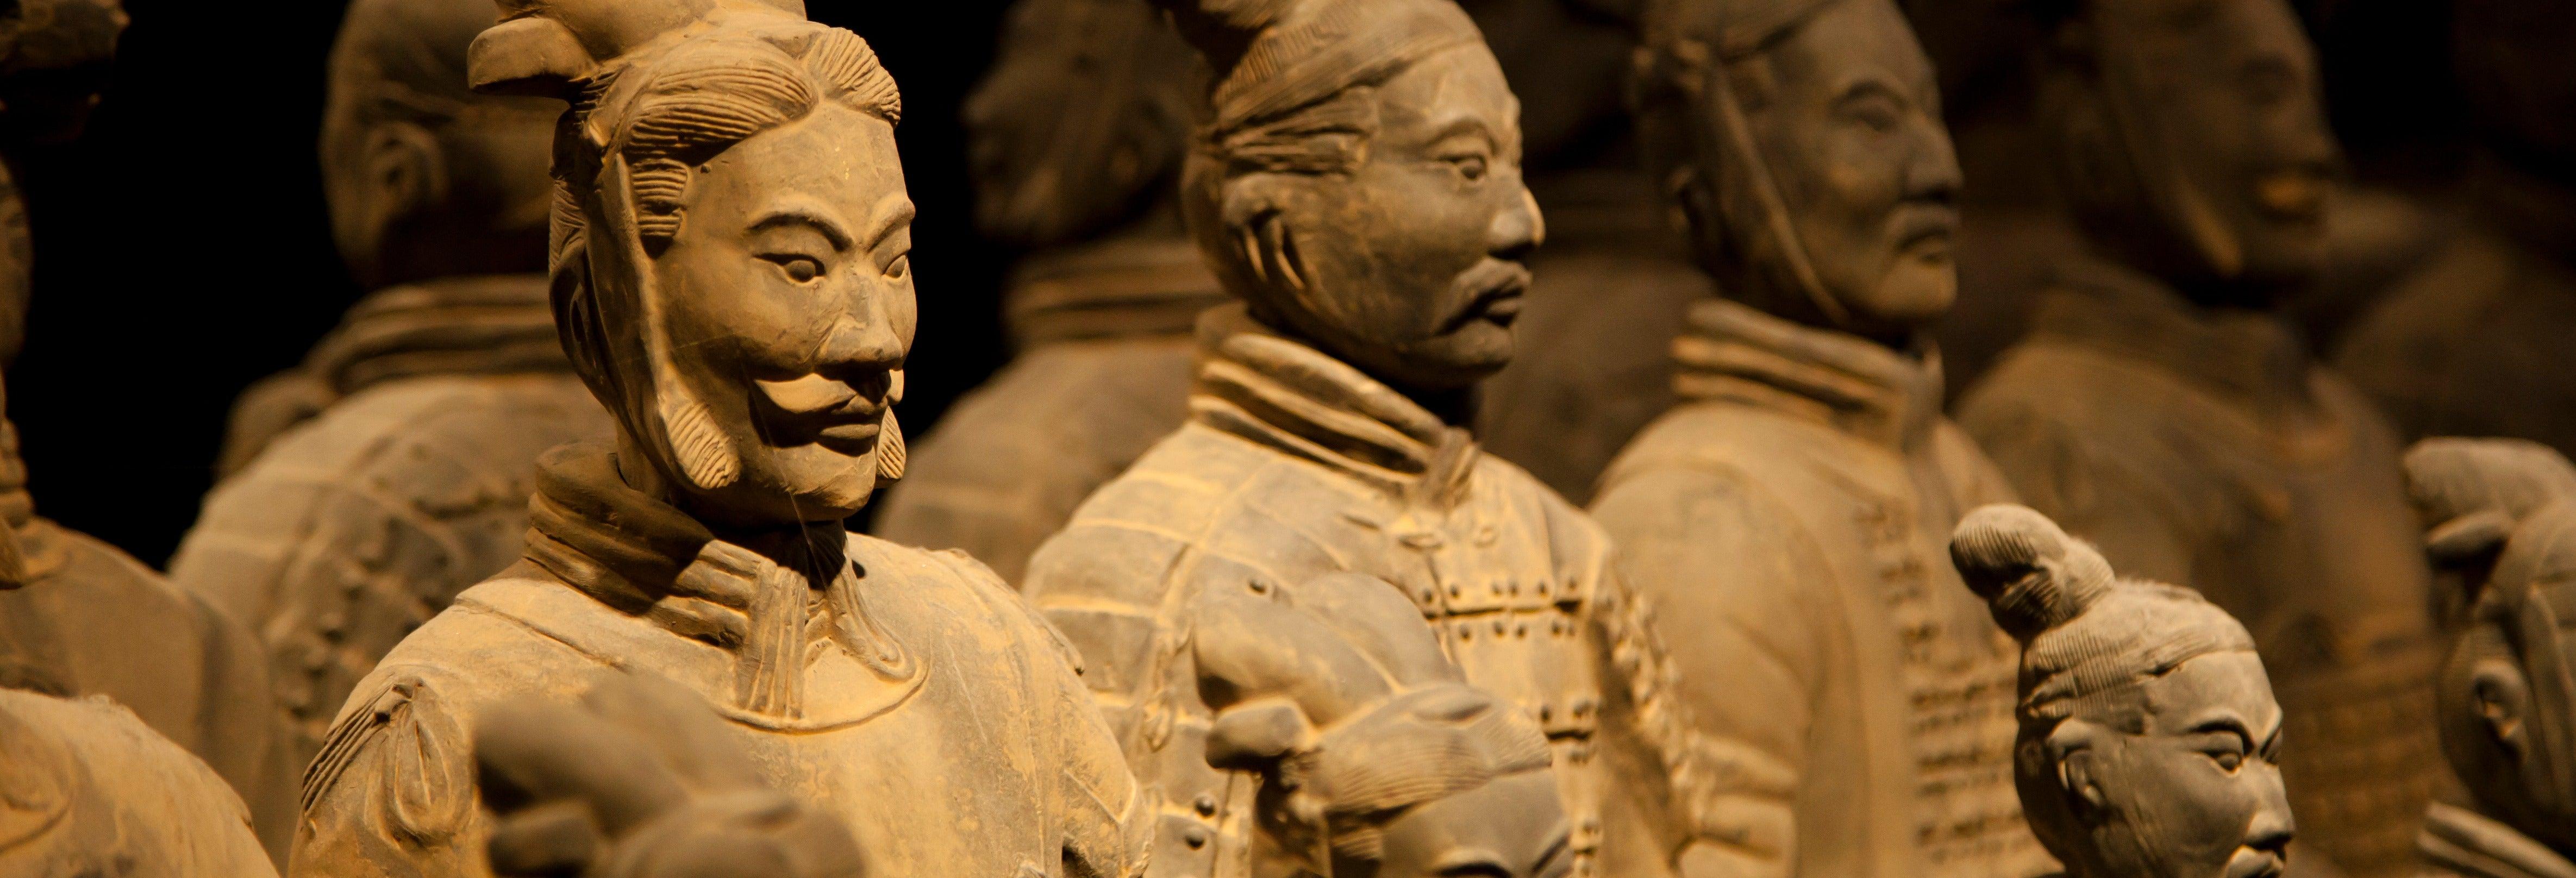 8 Day Silk Road Trip